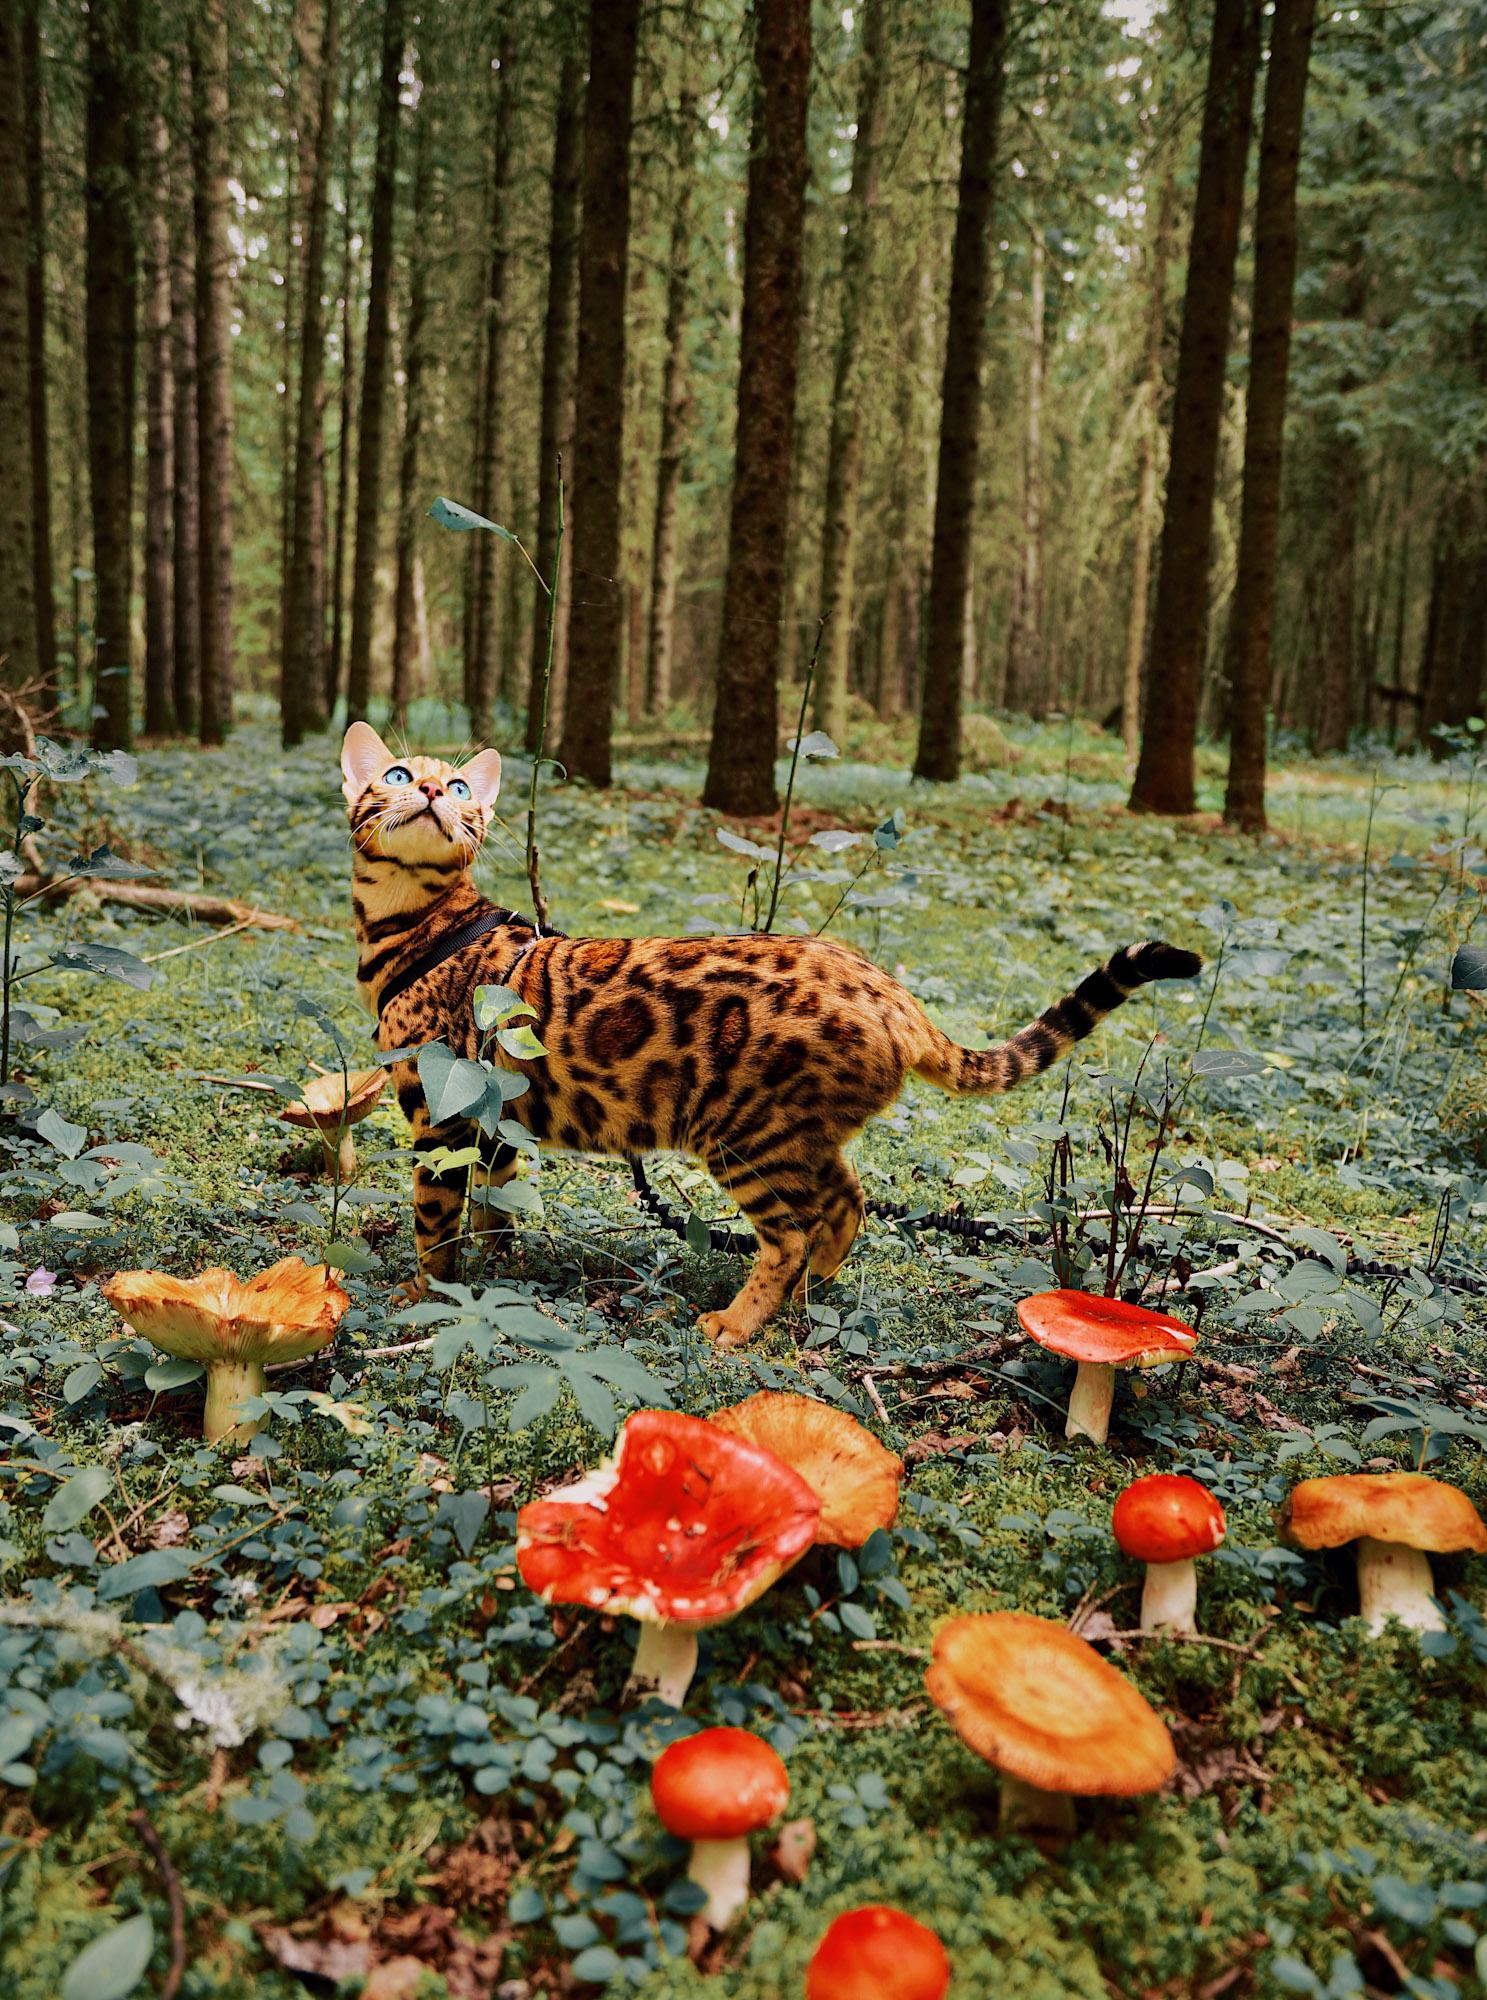 Suki adventure cat in British Columbian forest with mushrooms